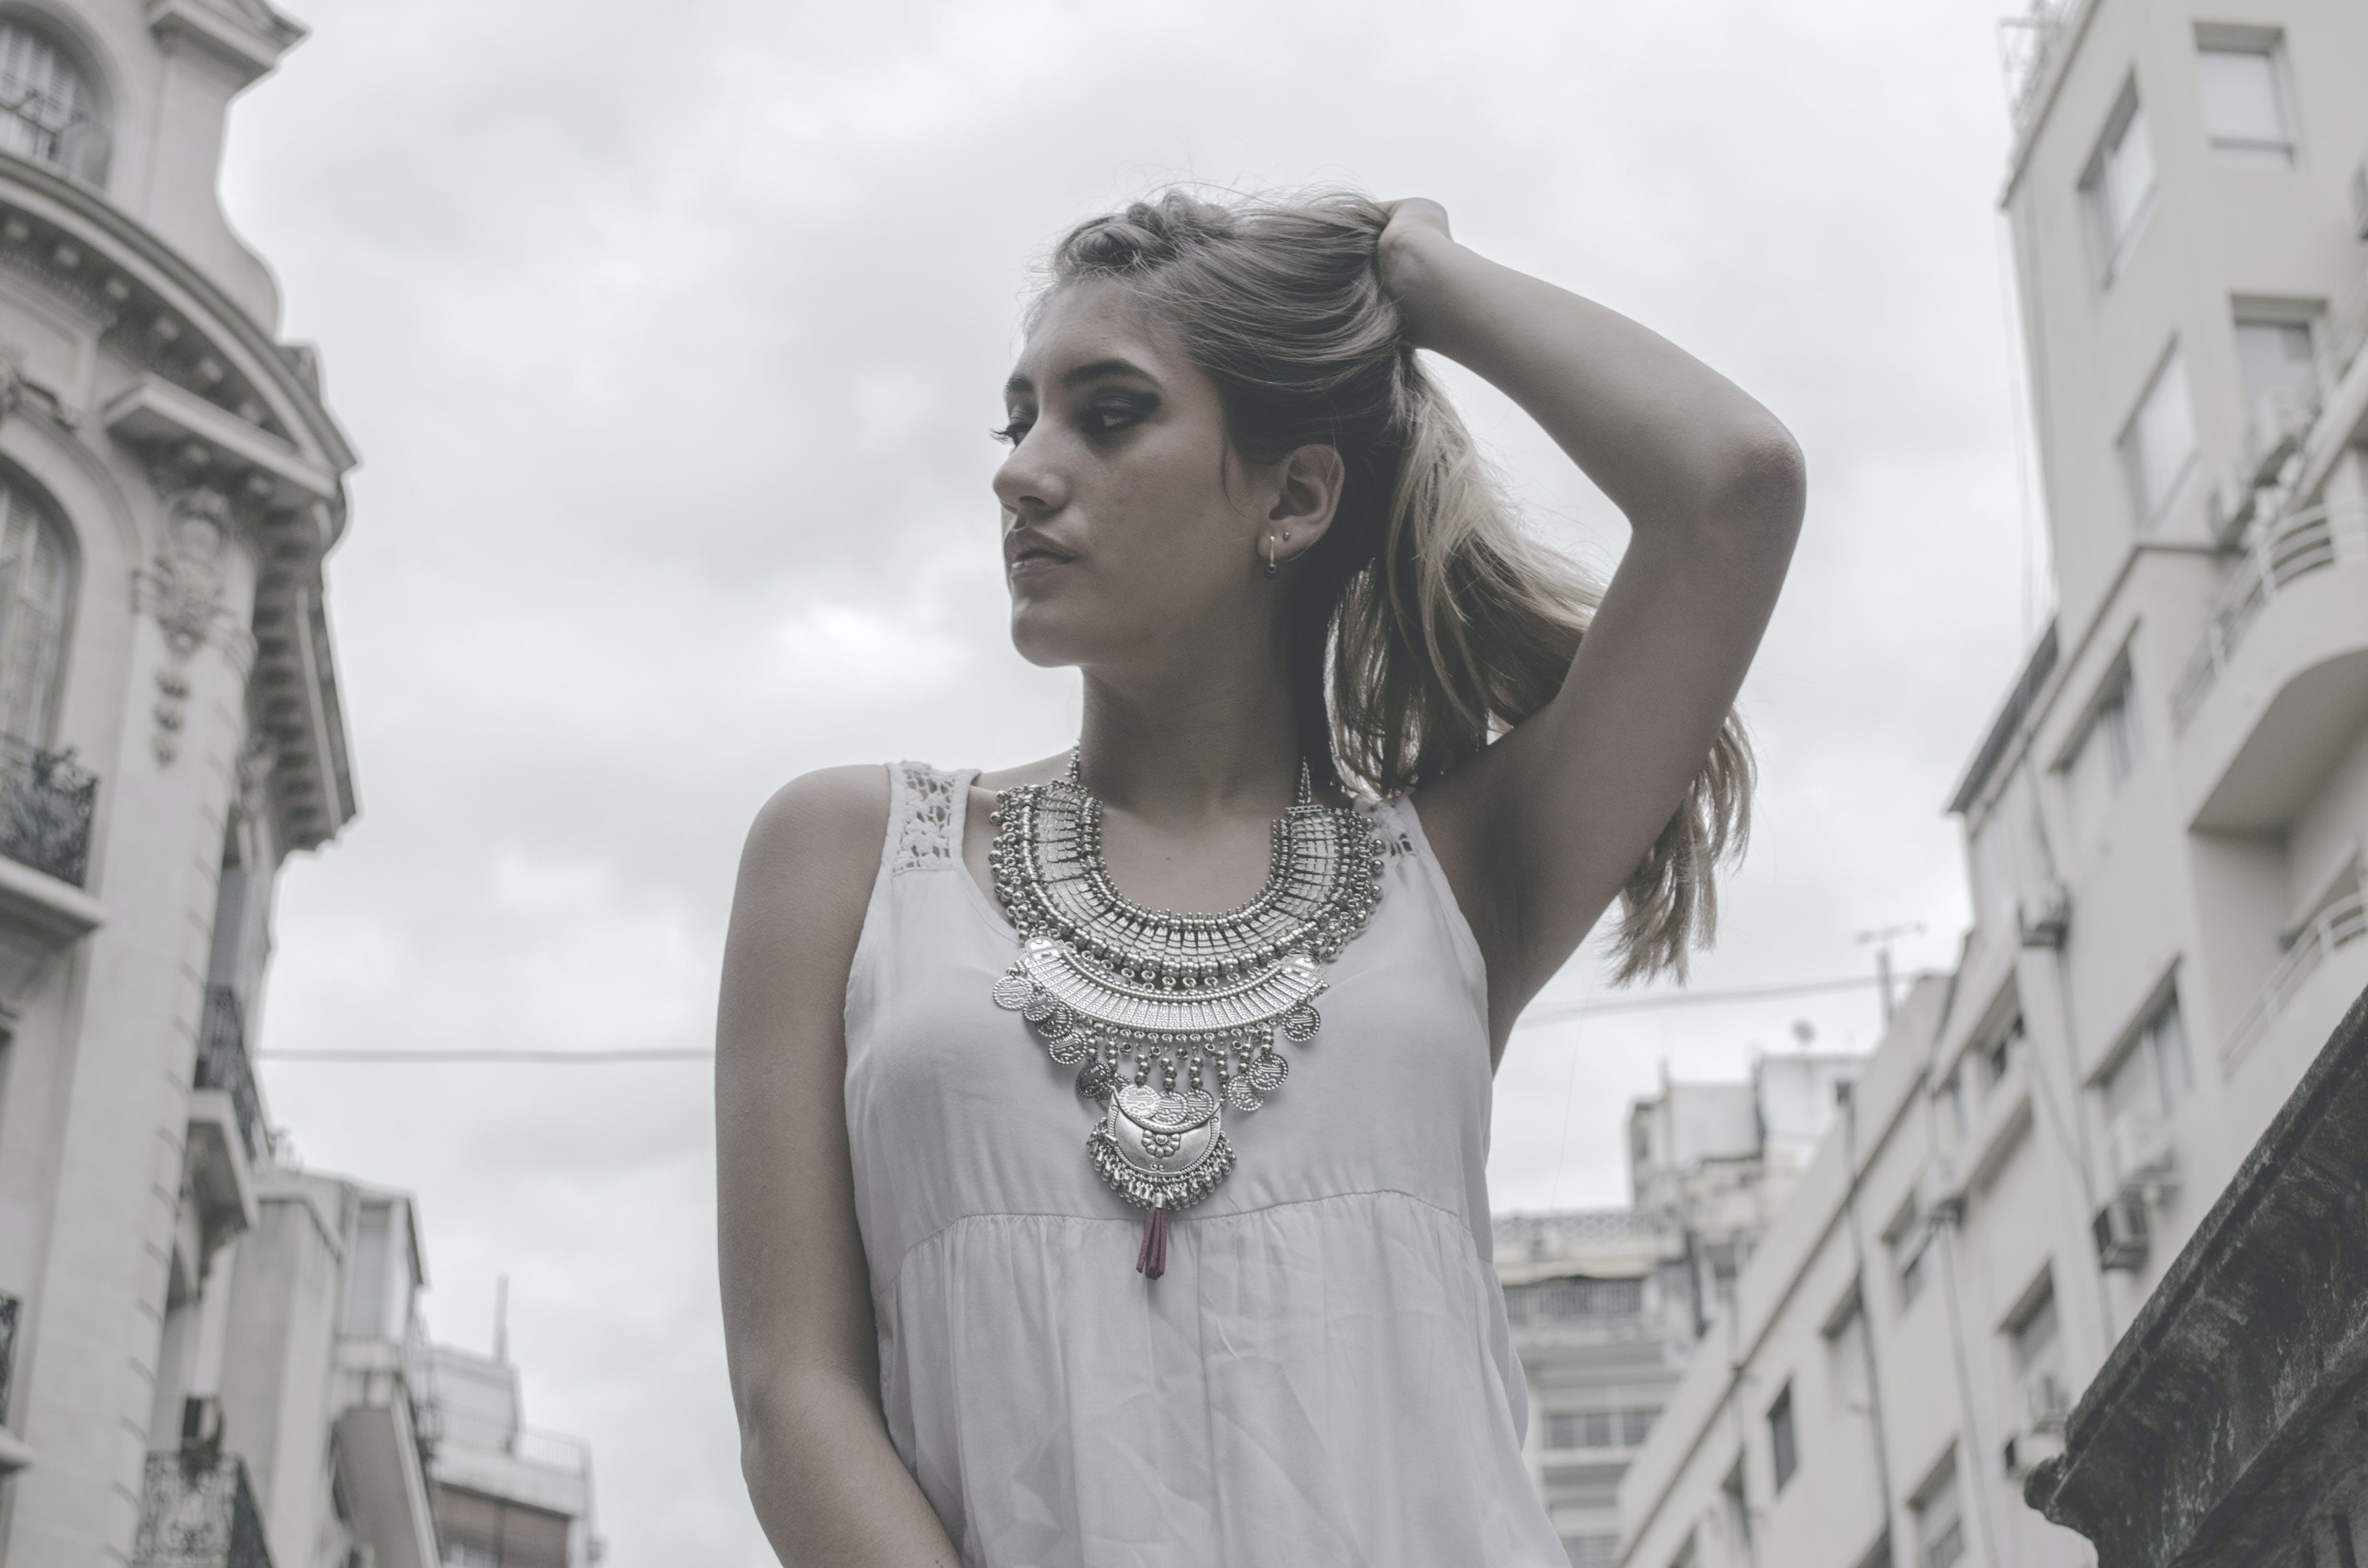 Woman Wearing White Tank Top Holding Hair Pose